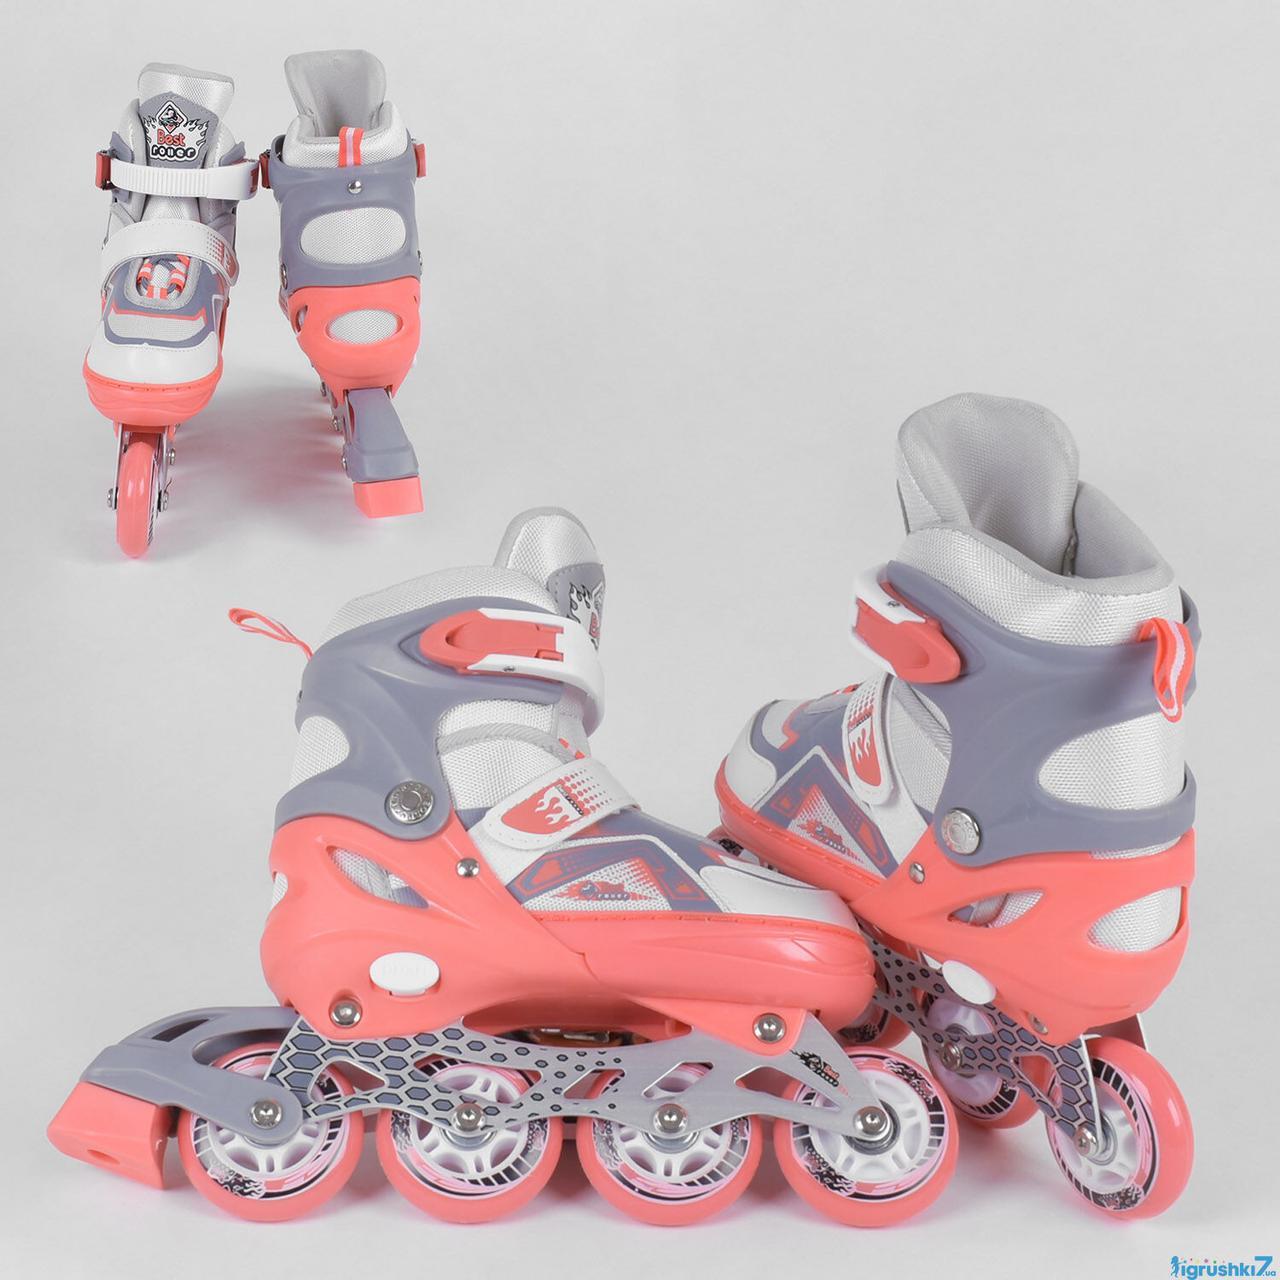 Ролики 5401-S Best Roller /размер 30-33/ цвет - КОРАЛОВЫЙ  (игрушки7)